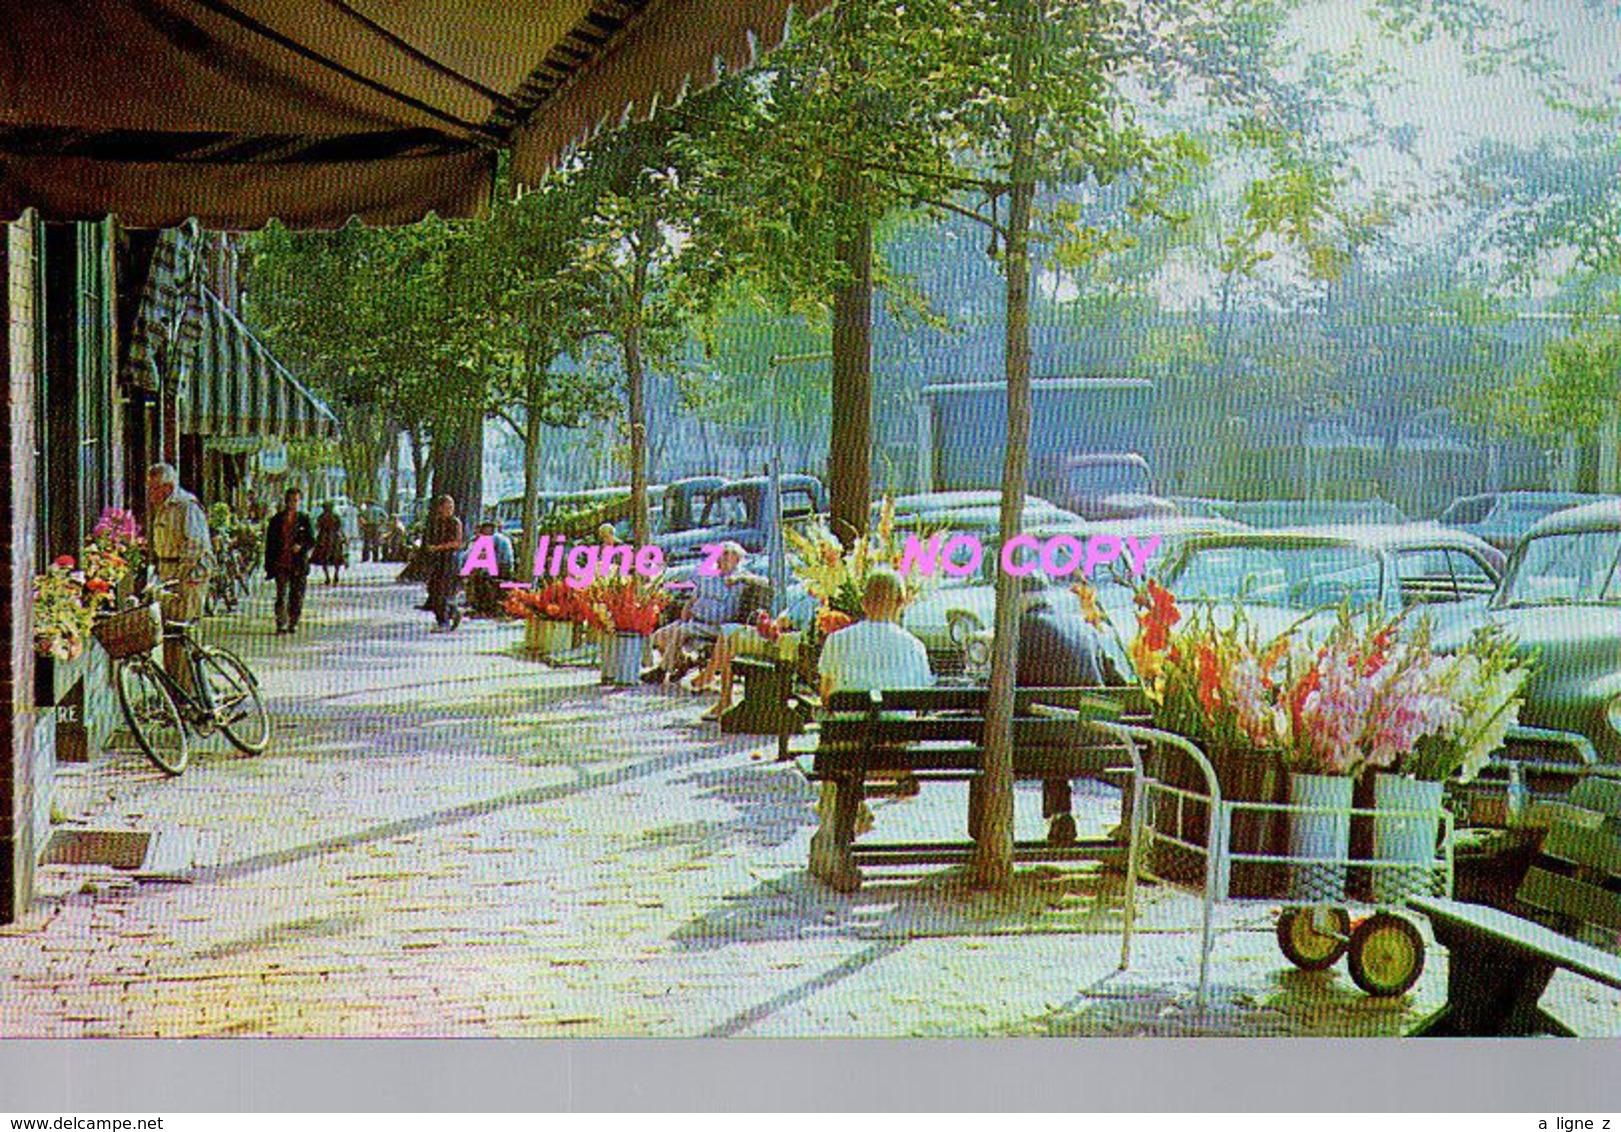 REF 421 : CPSM Etats Unis Nantucket The Flower Market - Nantucket